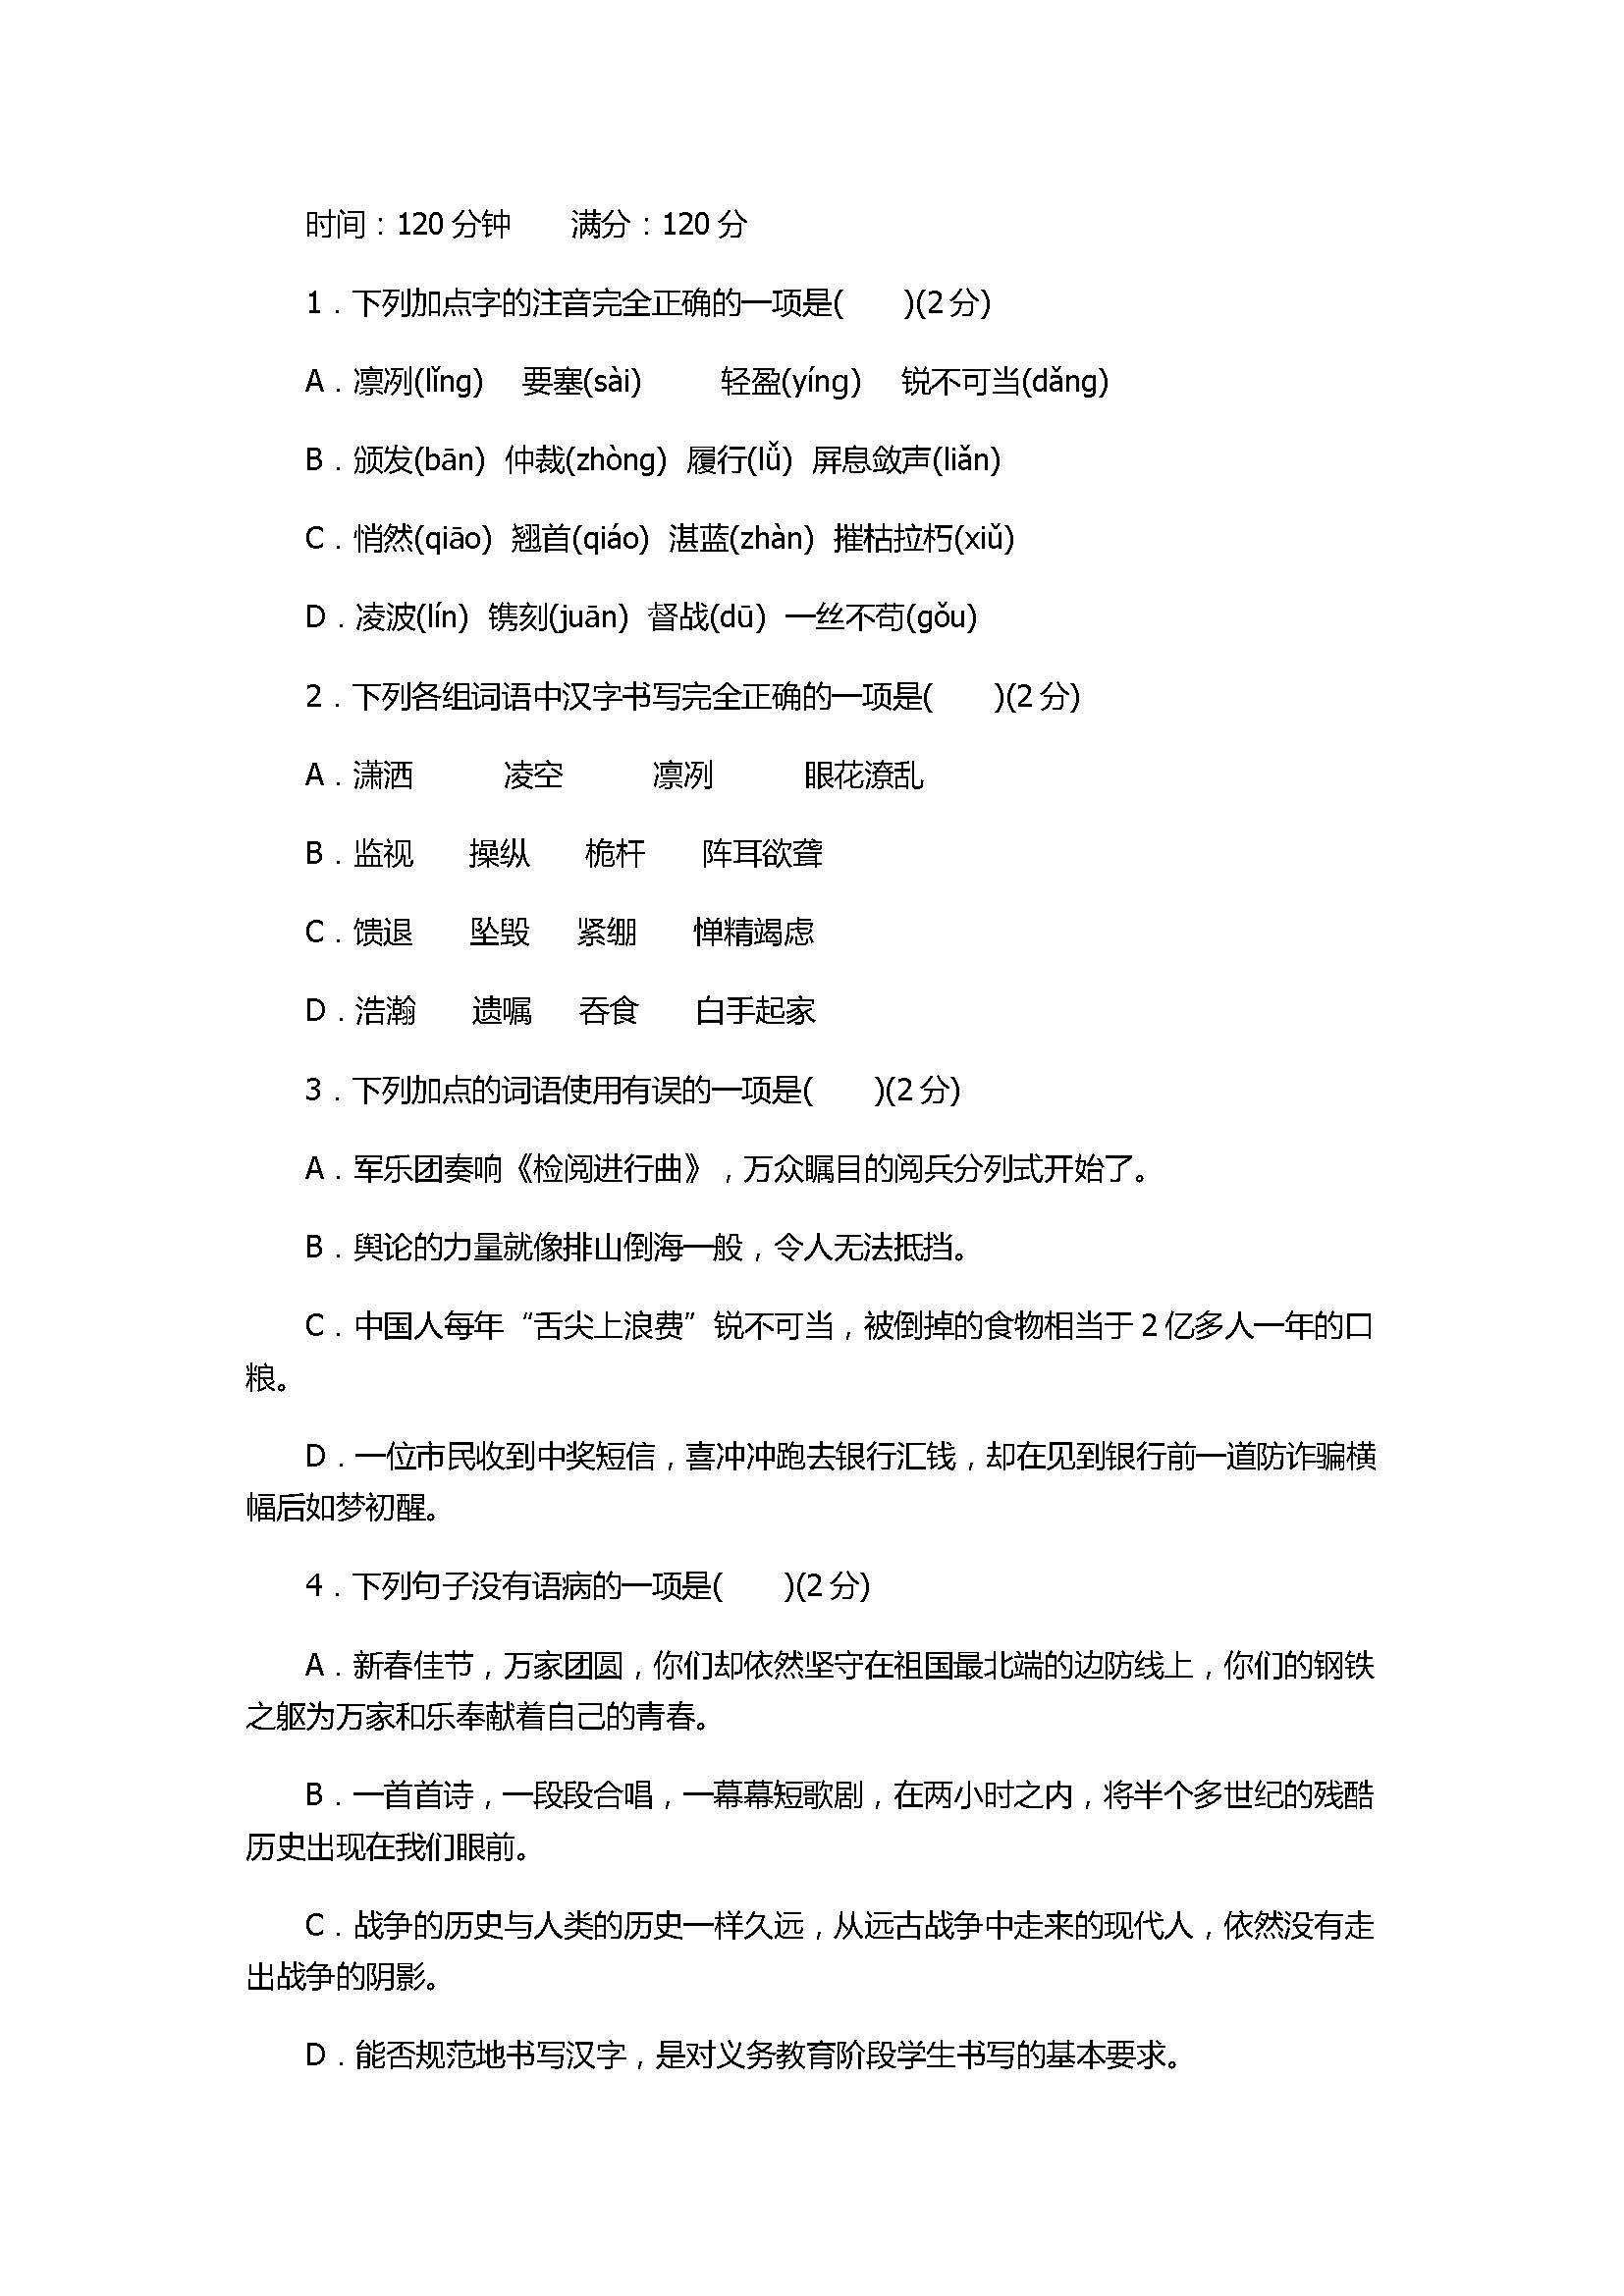 2017初二年级语文上册单元检测试卷(附参考答案)